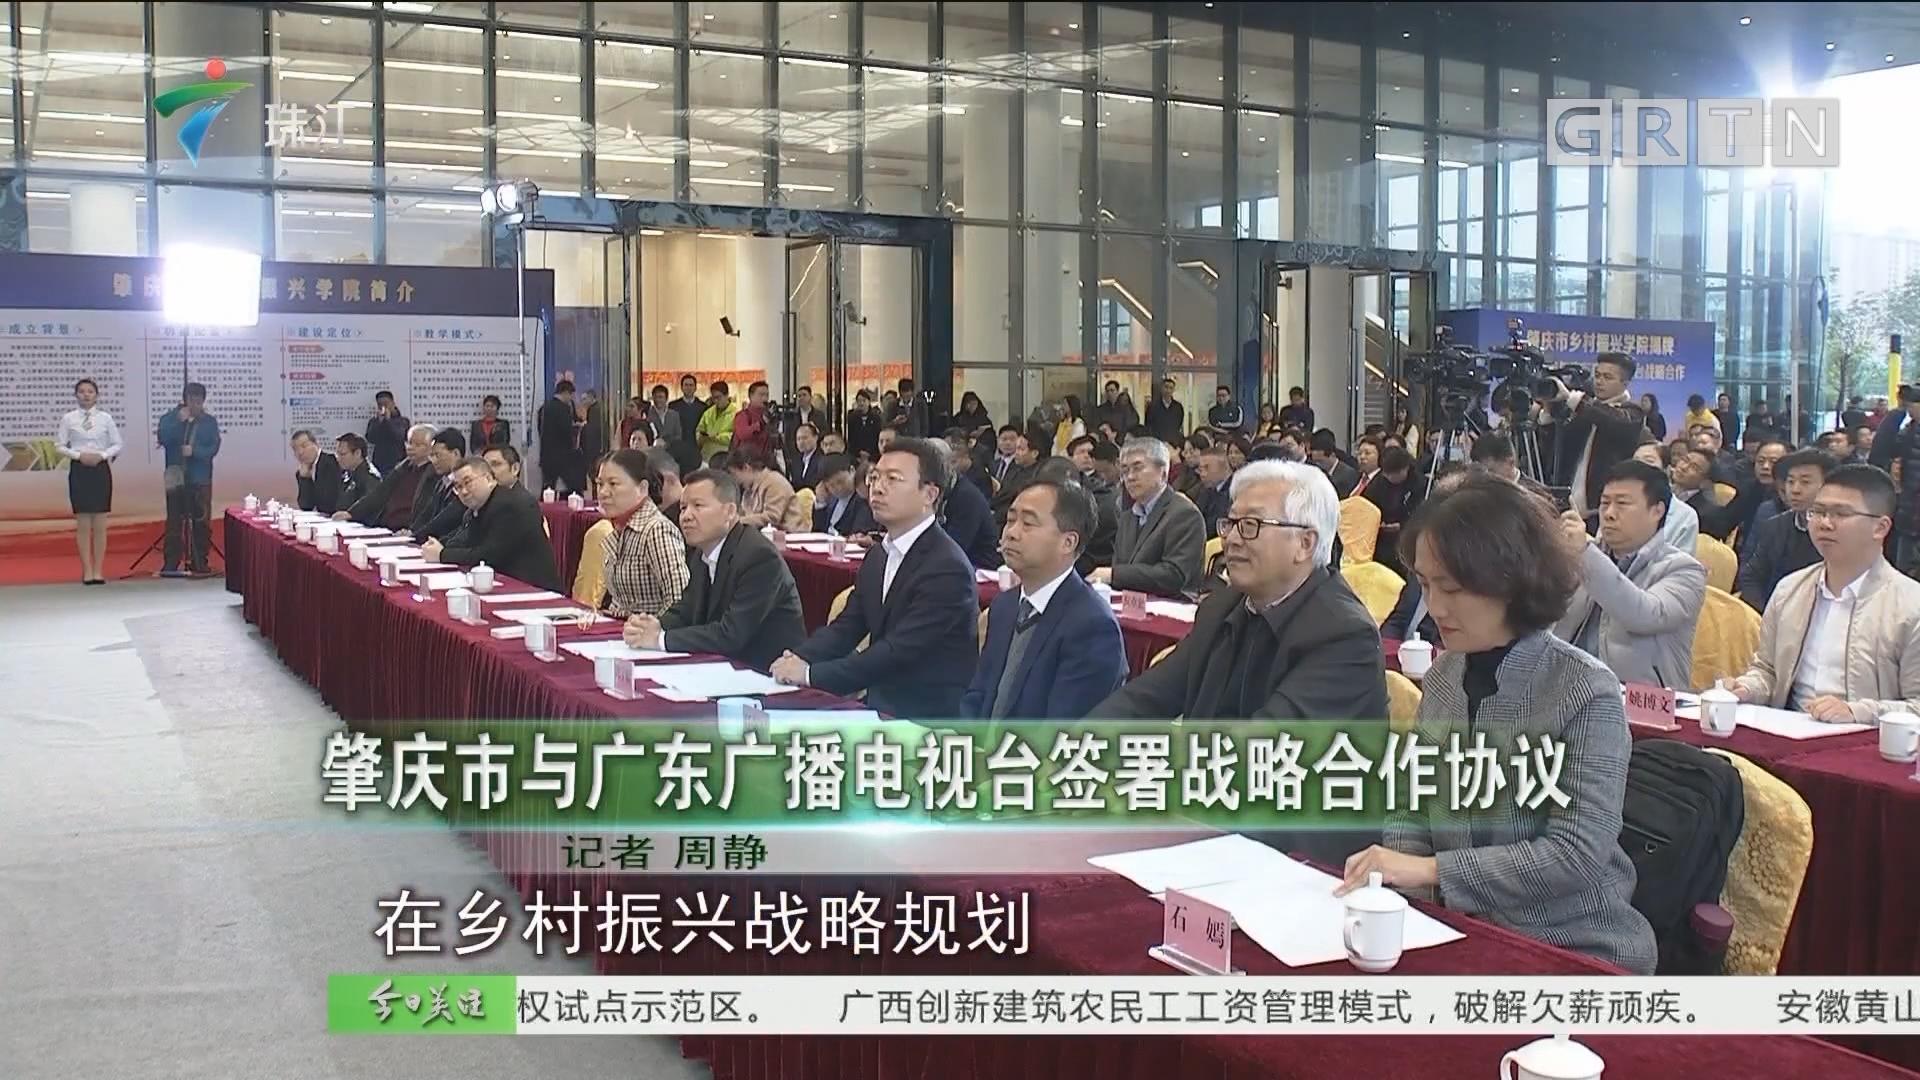 肇庆市与广东广播电视台签署战略合作协议